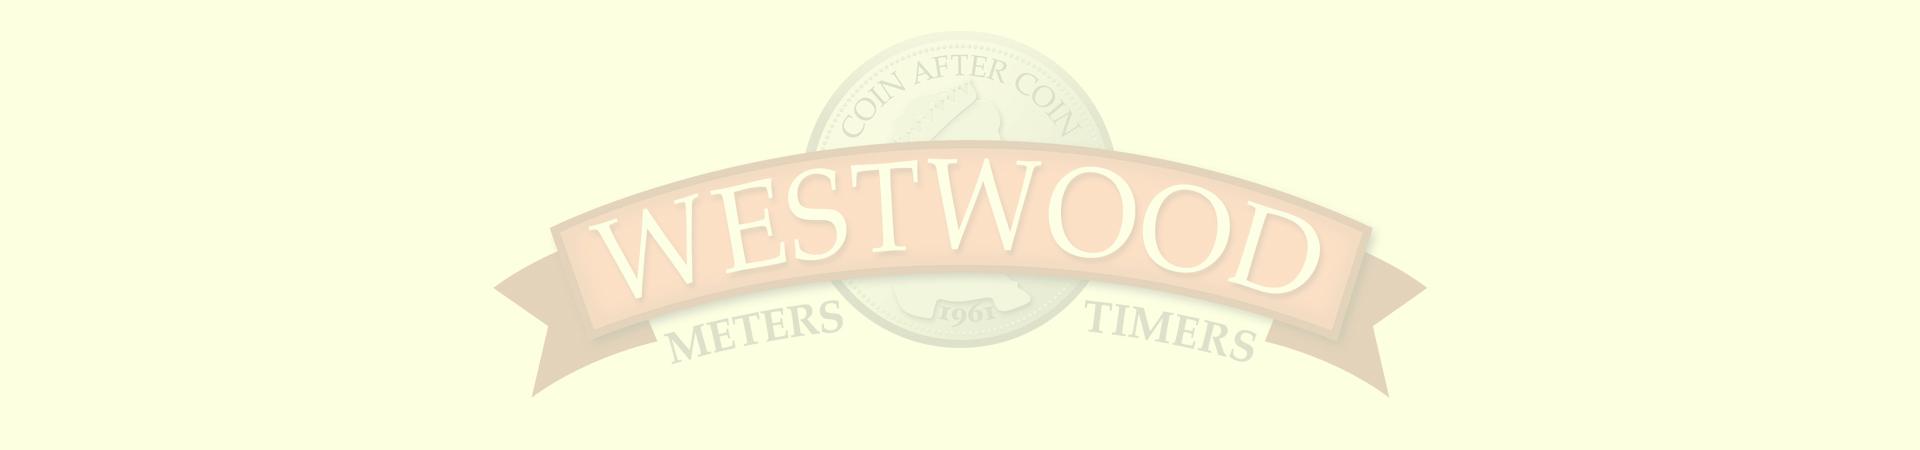 westwood-meters-timers-background